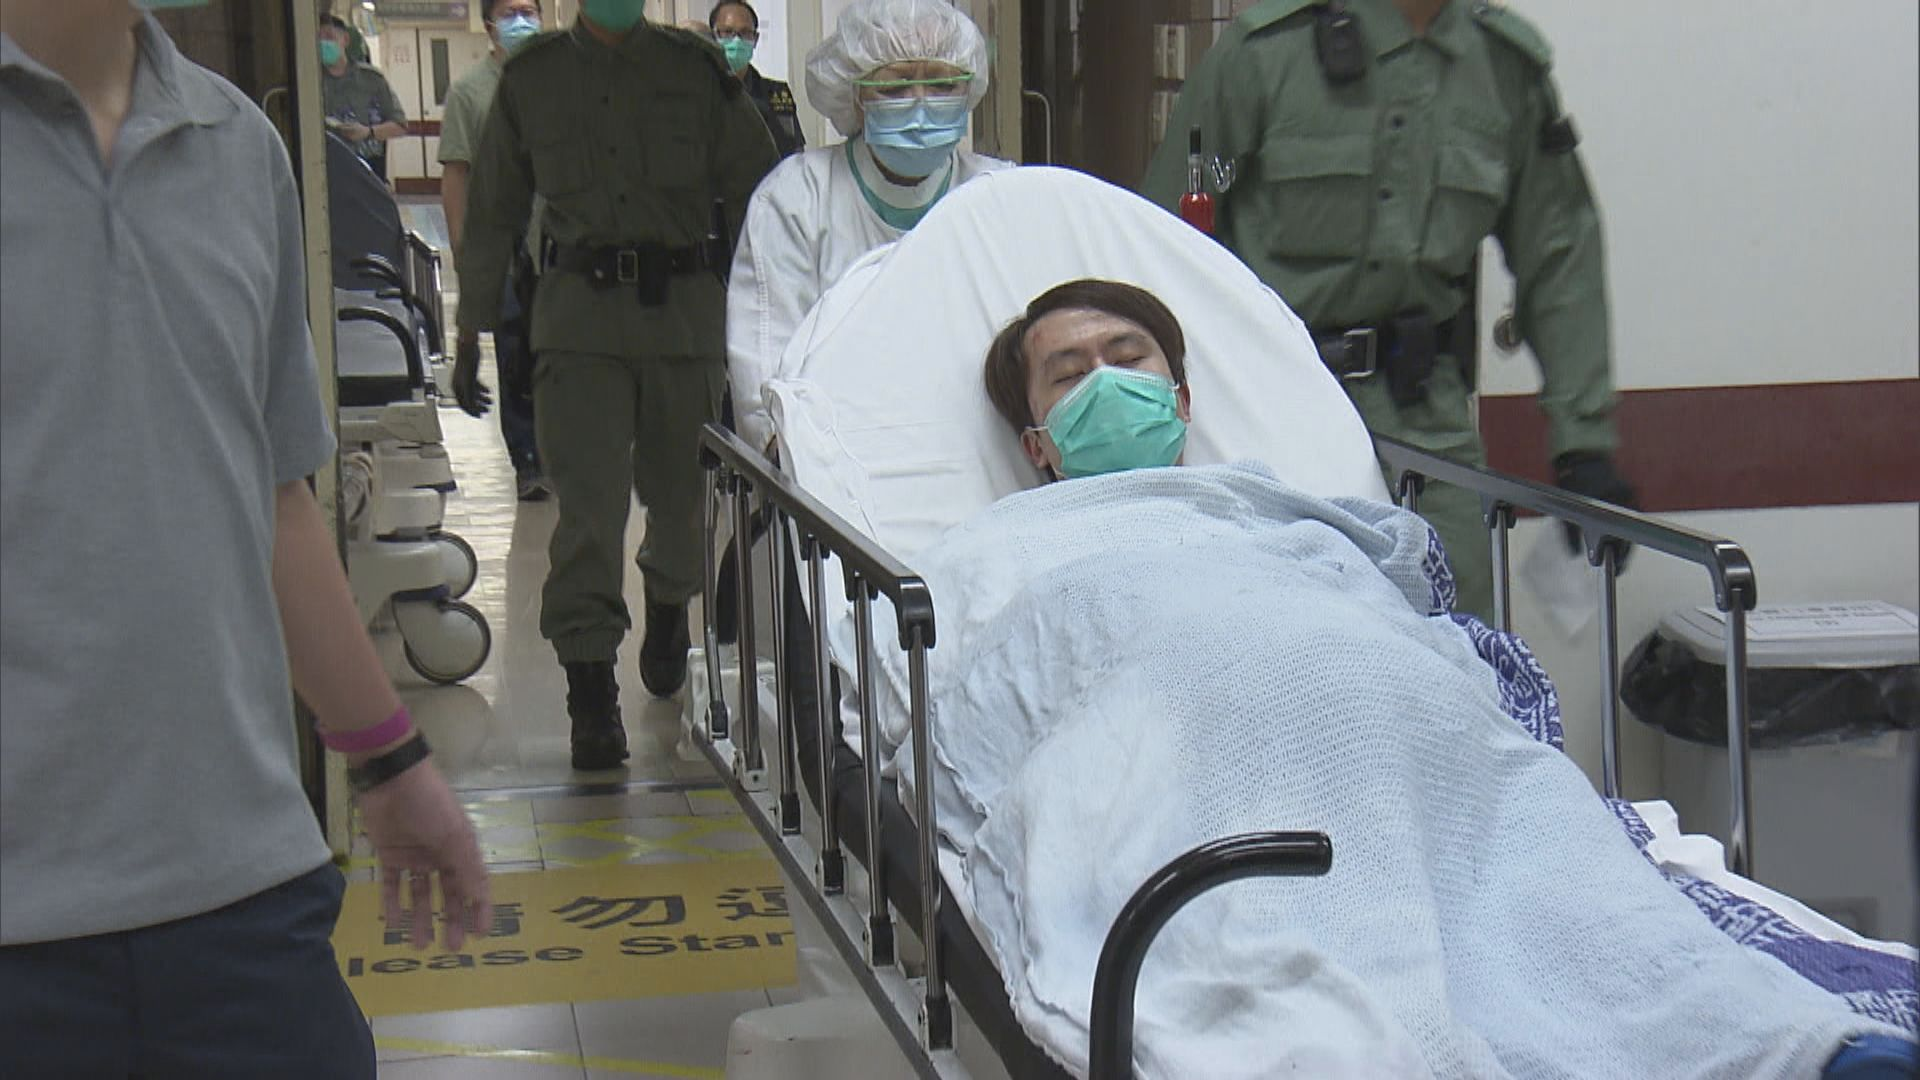 昨晚多區人群聚集約230人被捕 鄺俊宇被捕面有瘀傷